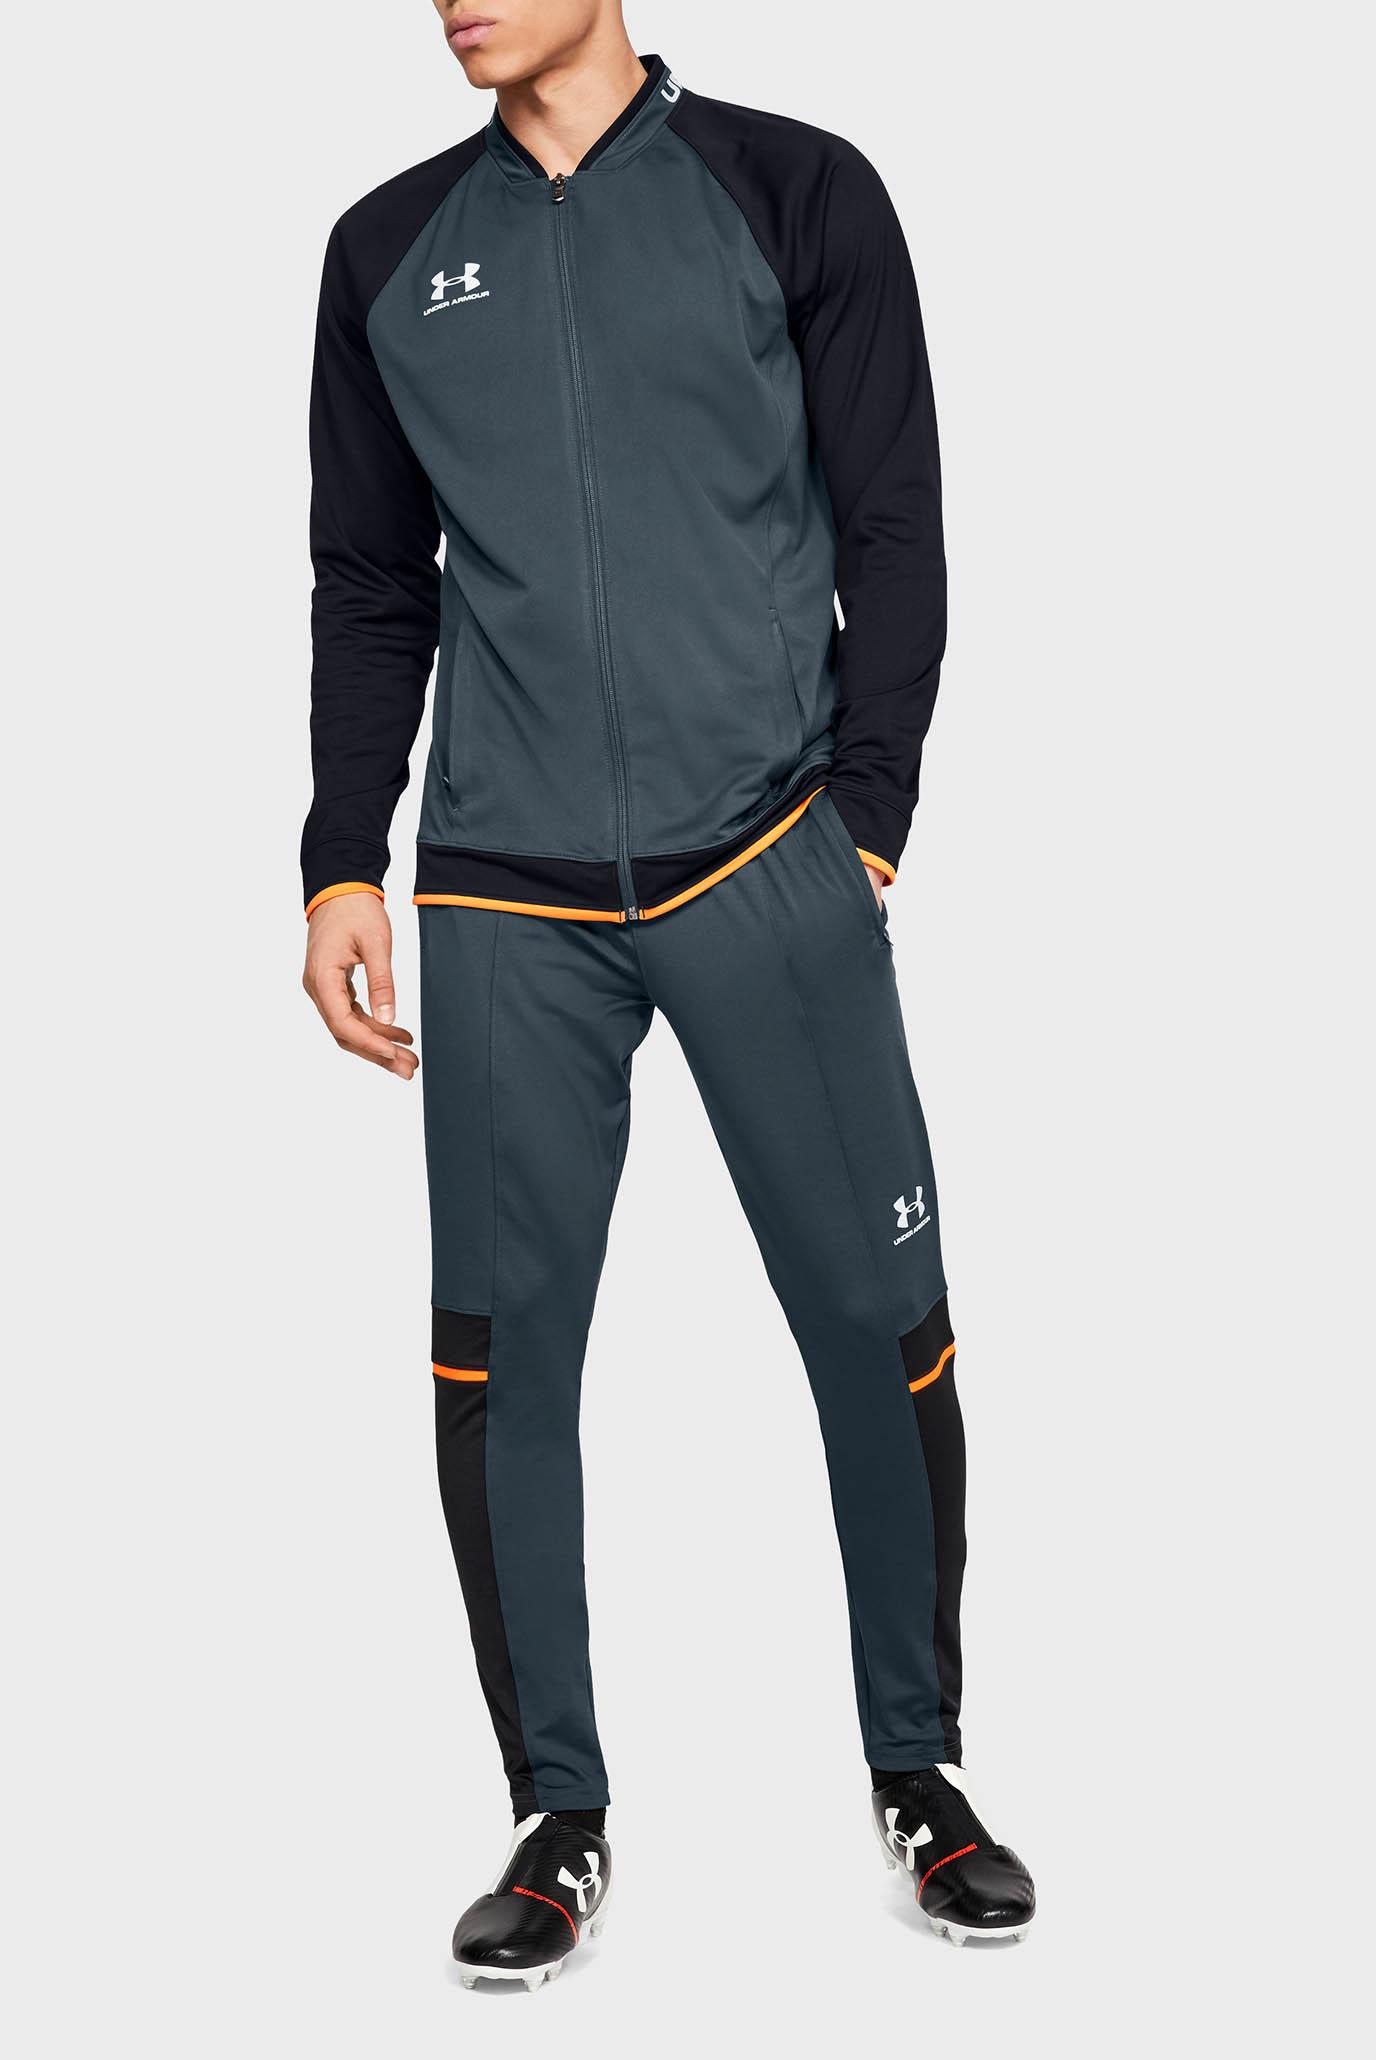 Мужская синяя спортивная кофта Challenger III Jacket Under Armour